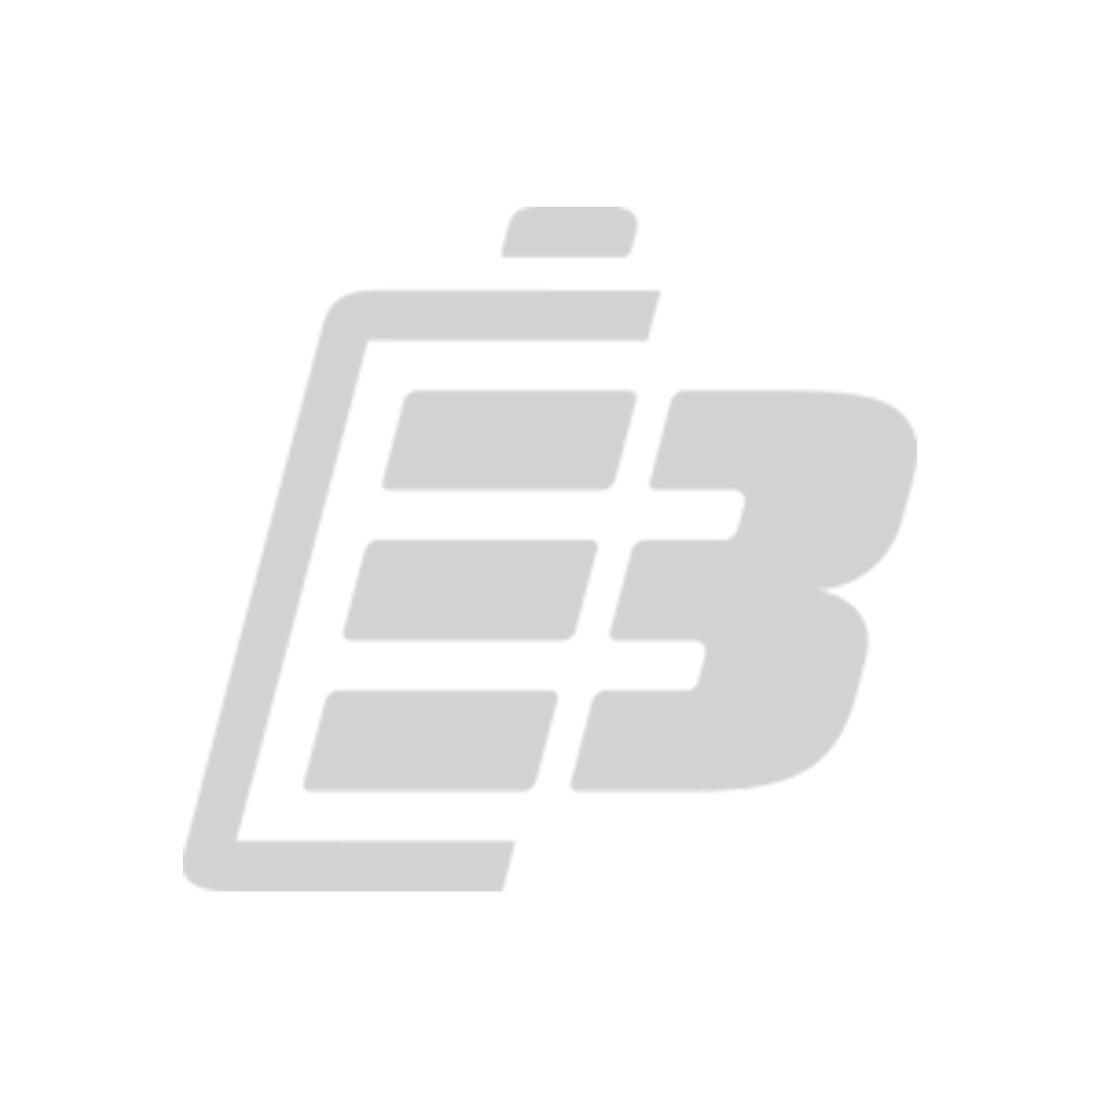 Μπαταρία smartphone Blackberry Storm 9500_1